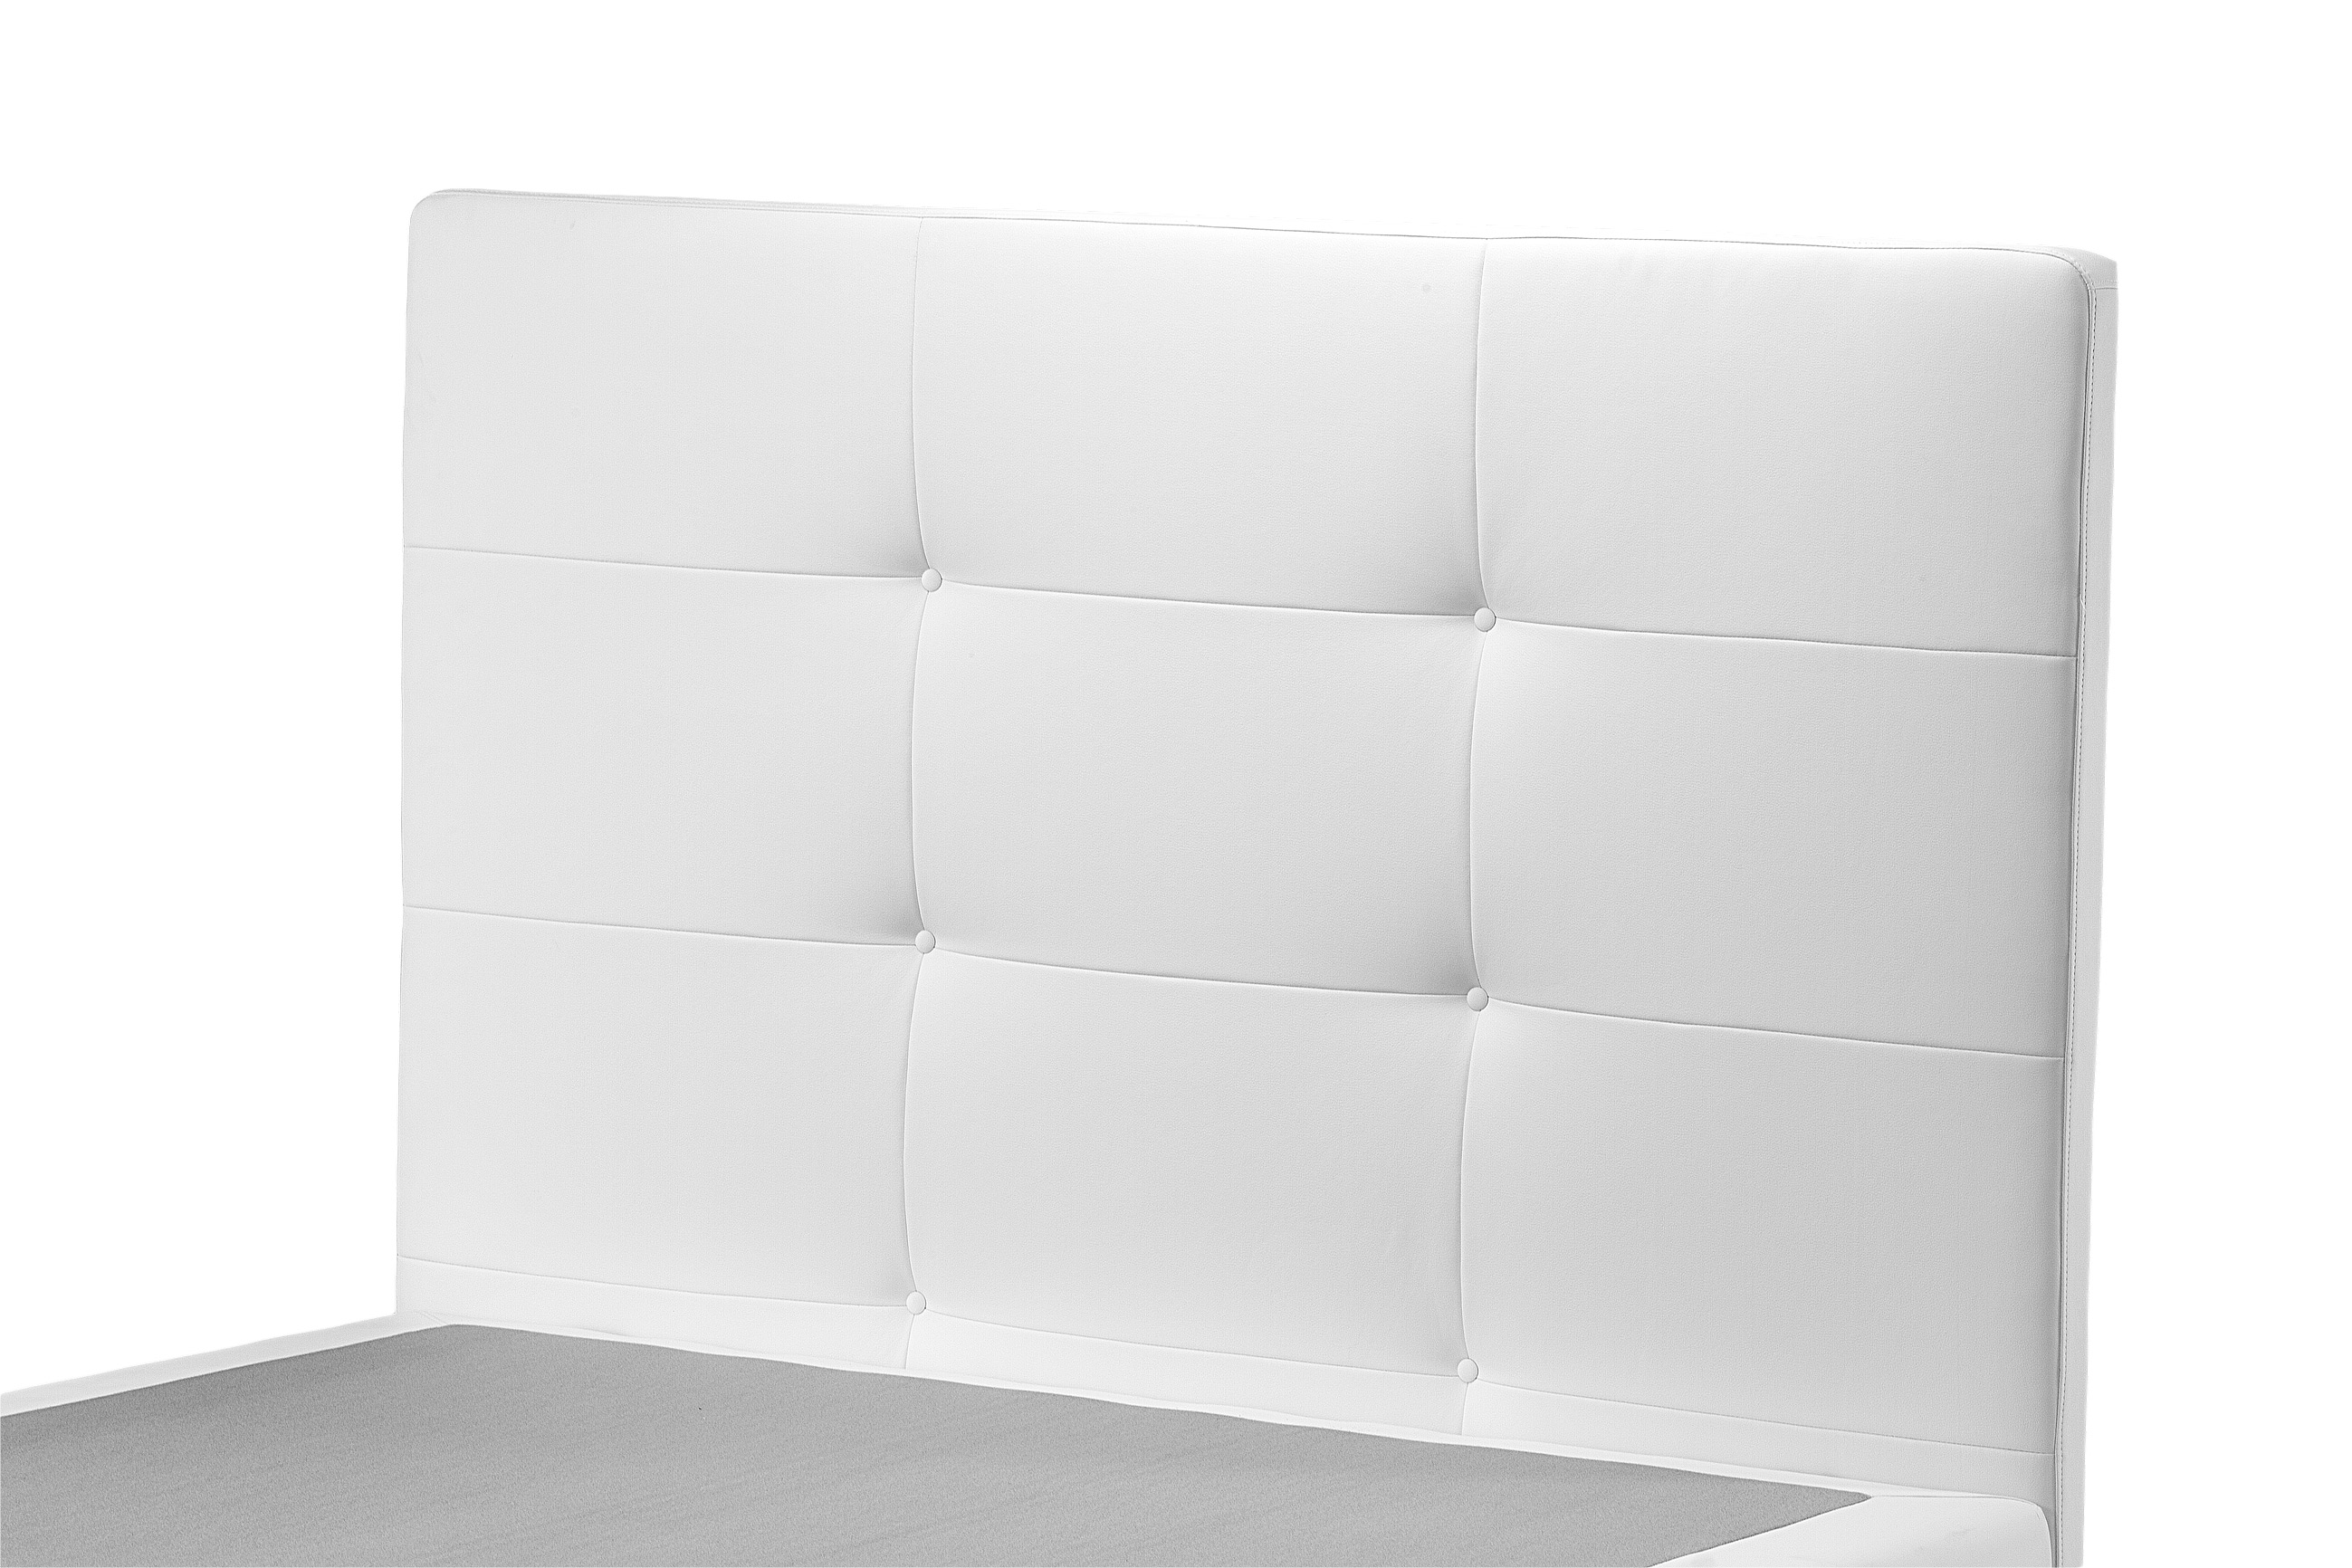 Ambiente letto: tante idee utili